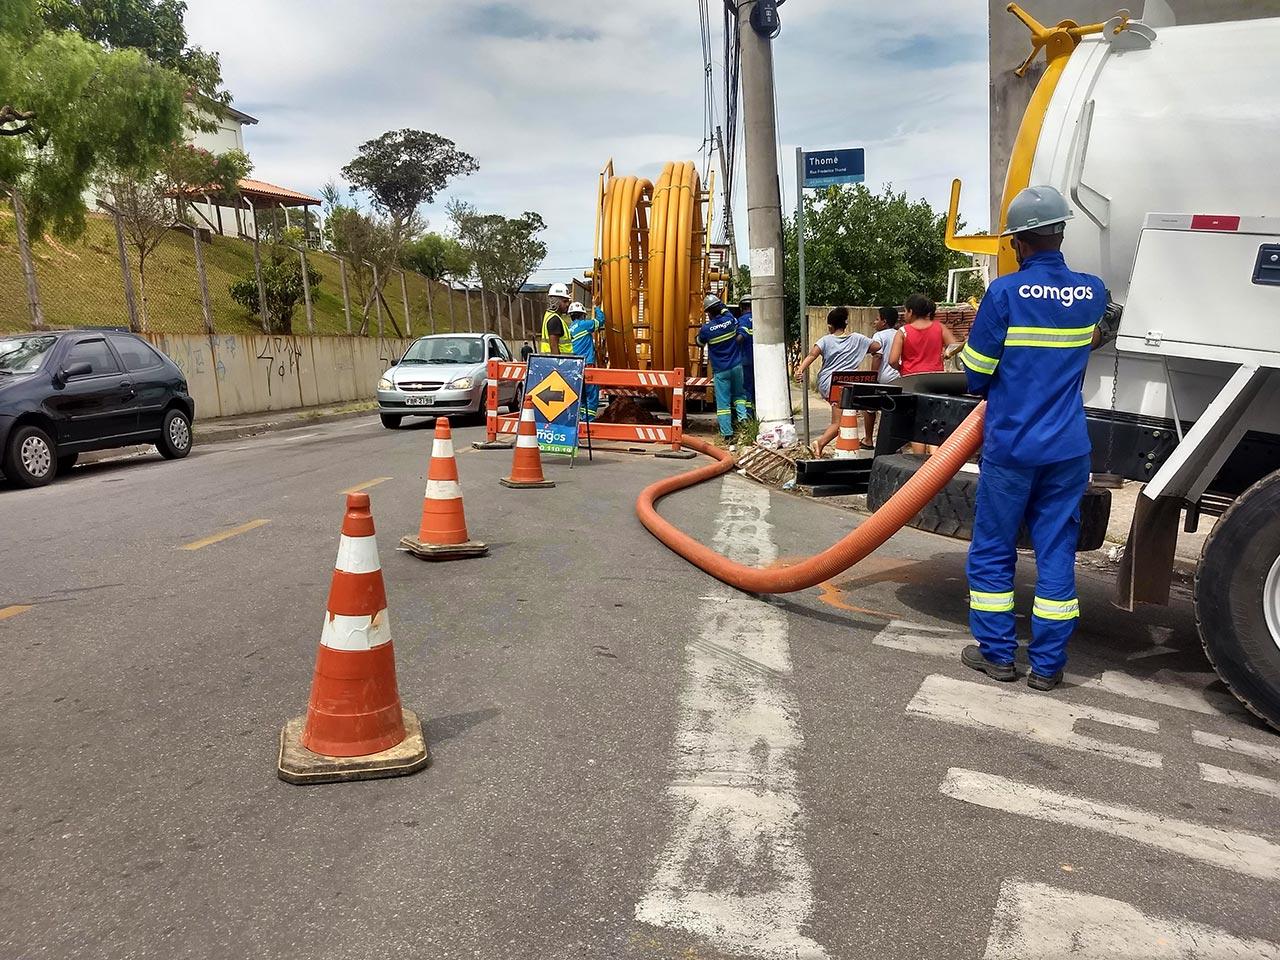 Rompimento de adutora prejudica abastecimento de água na Capela - Jornal de Vinhedo